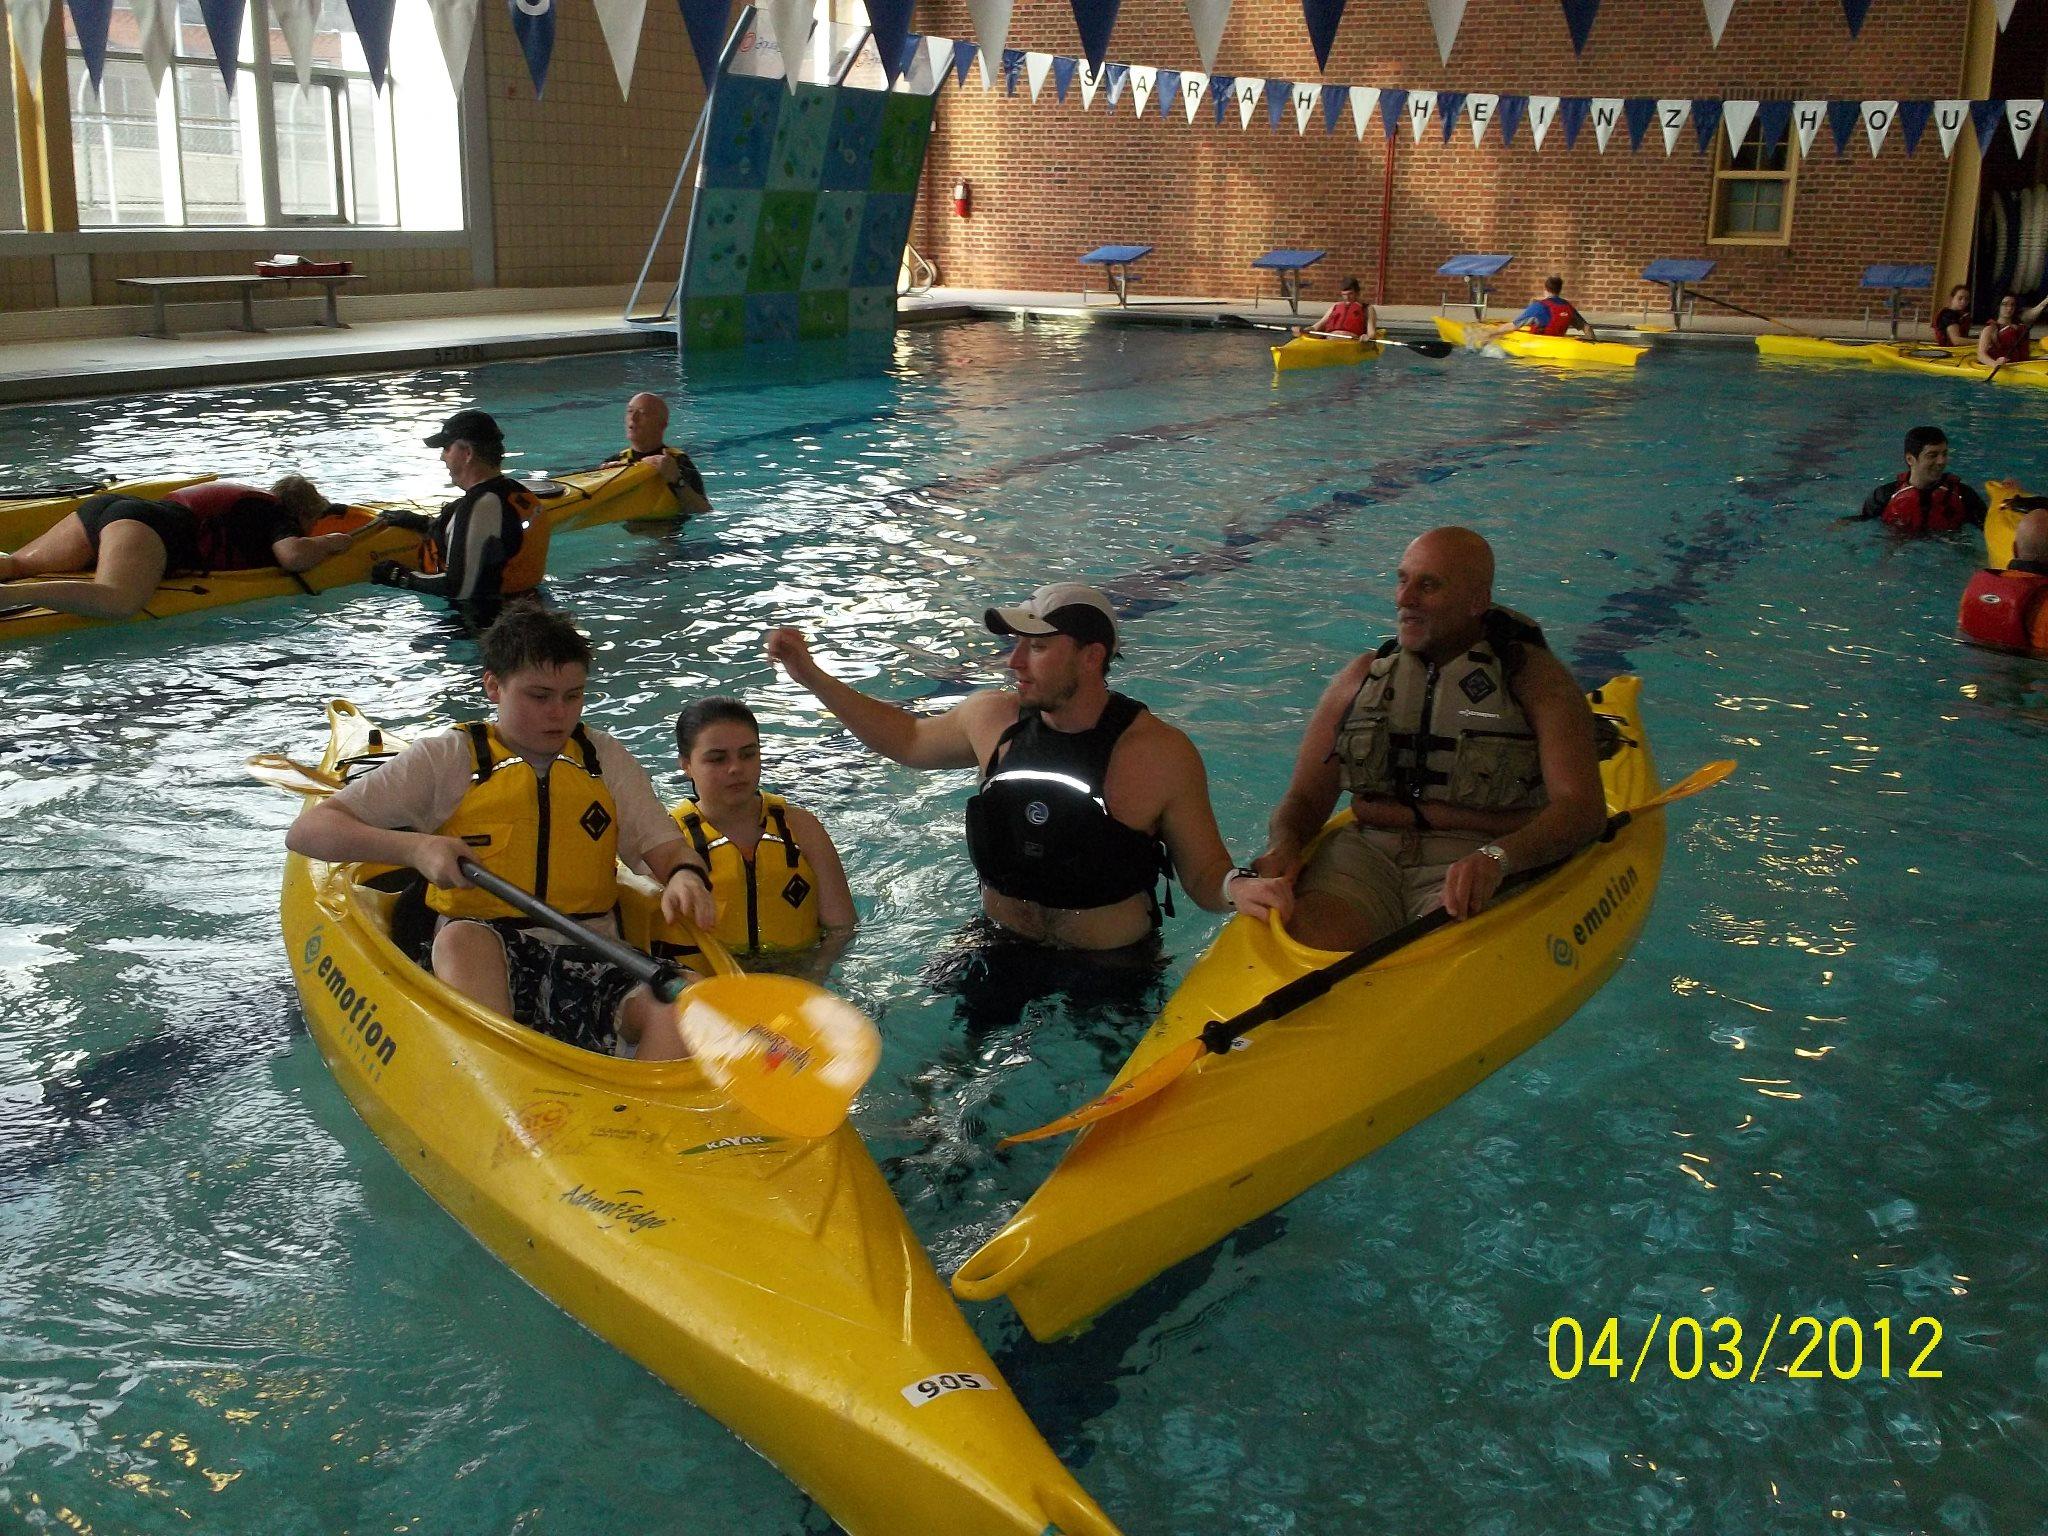 Canoeing pittsburgh